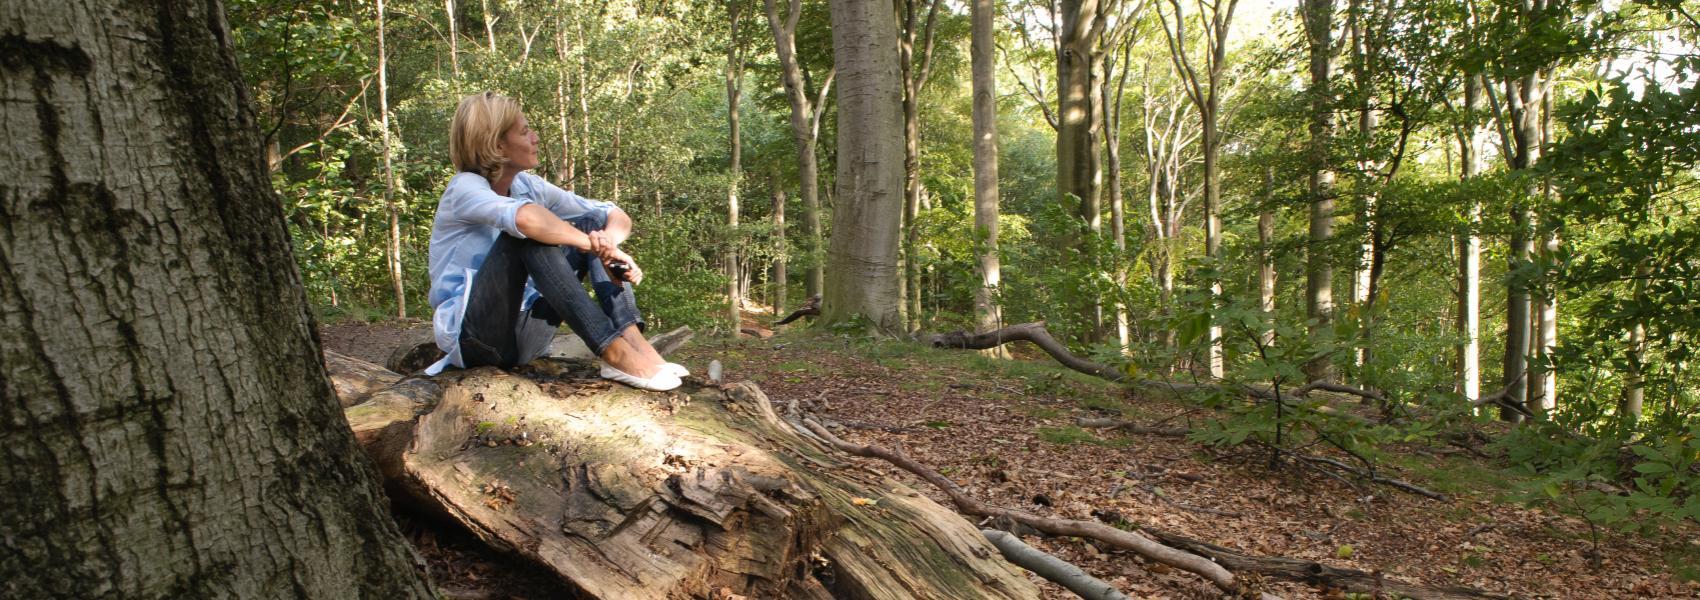 vrouw op een boomstam genietend van het uitzicht